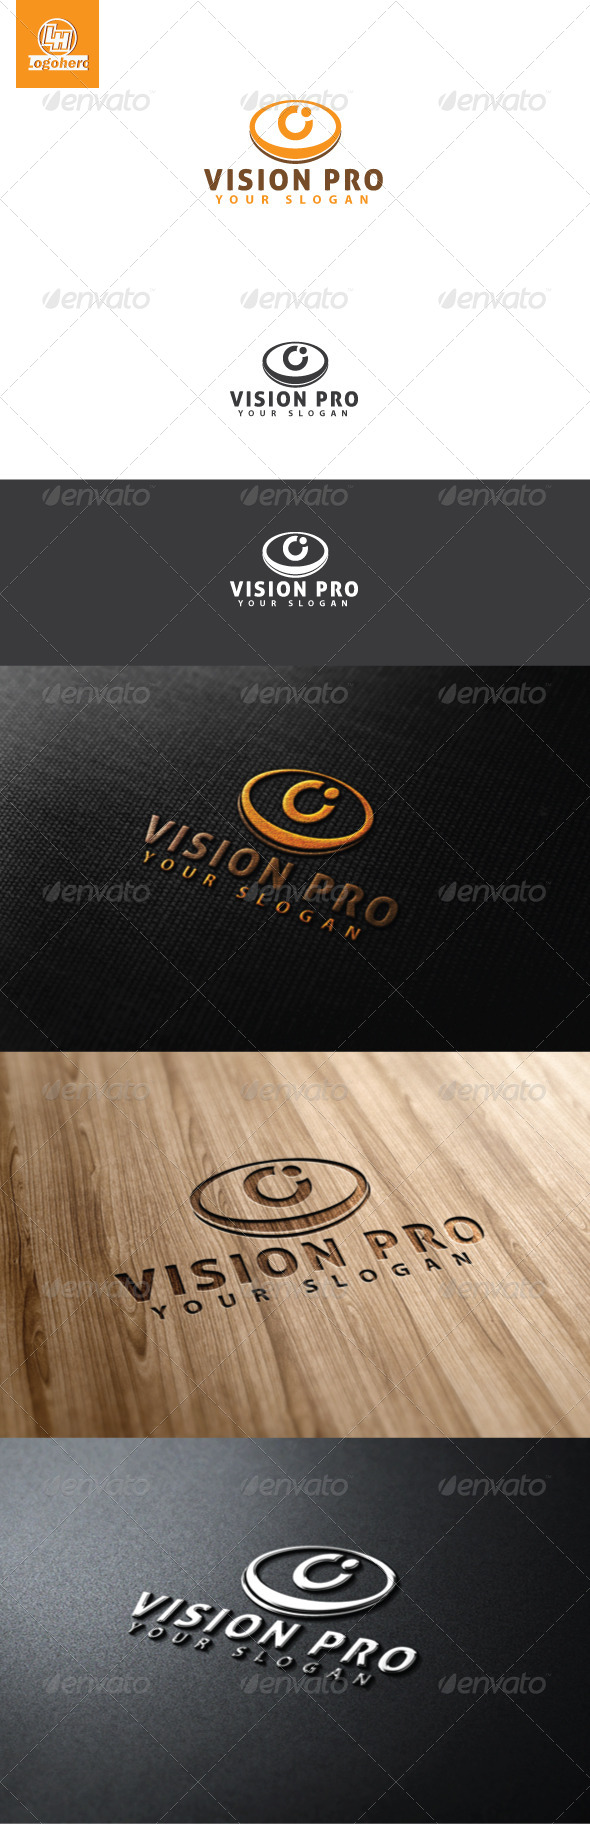 GraphicRiver Vision Pro Logo Template 4608311